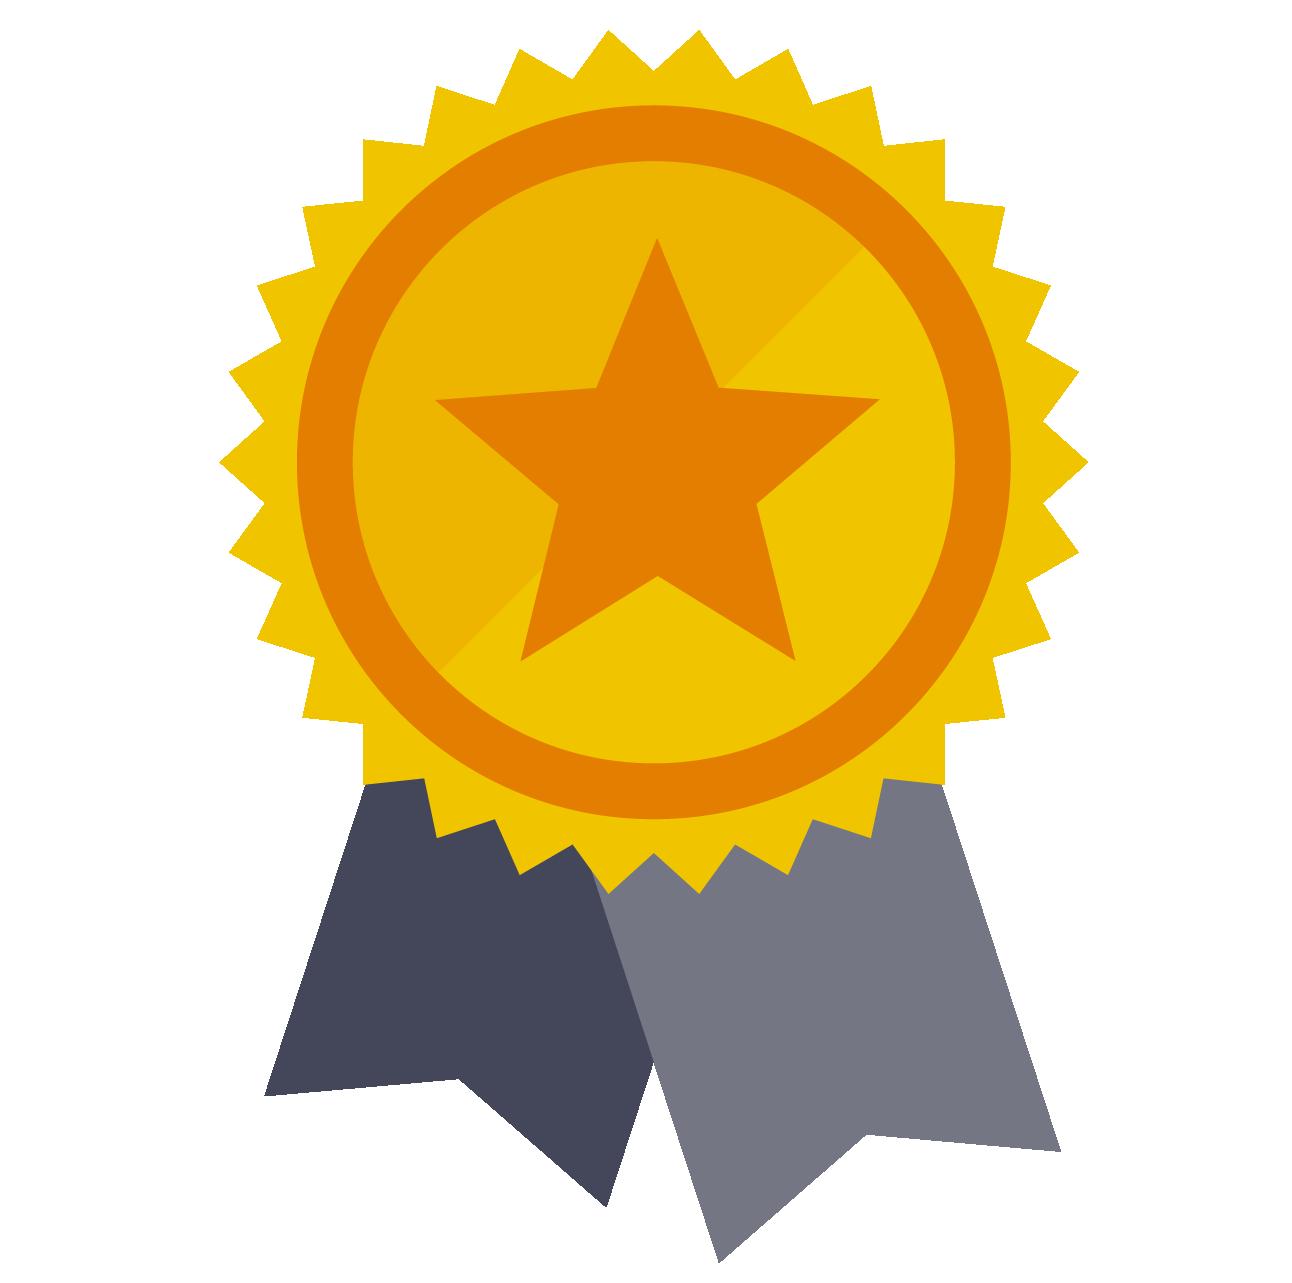 logo medalla